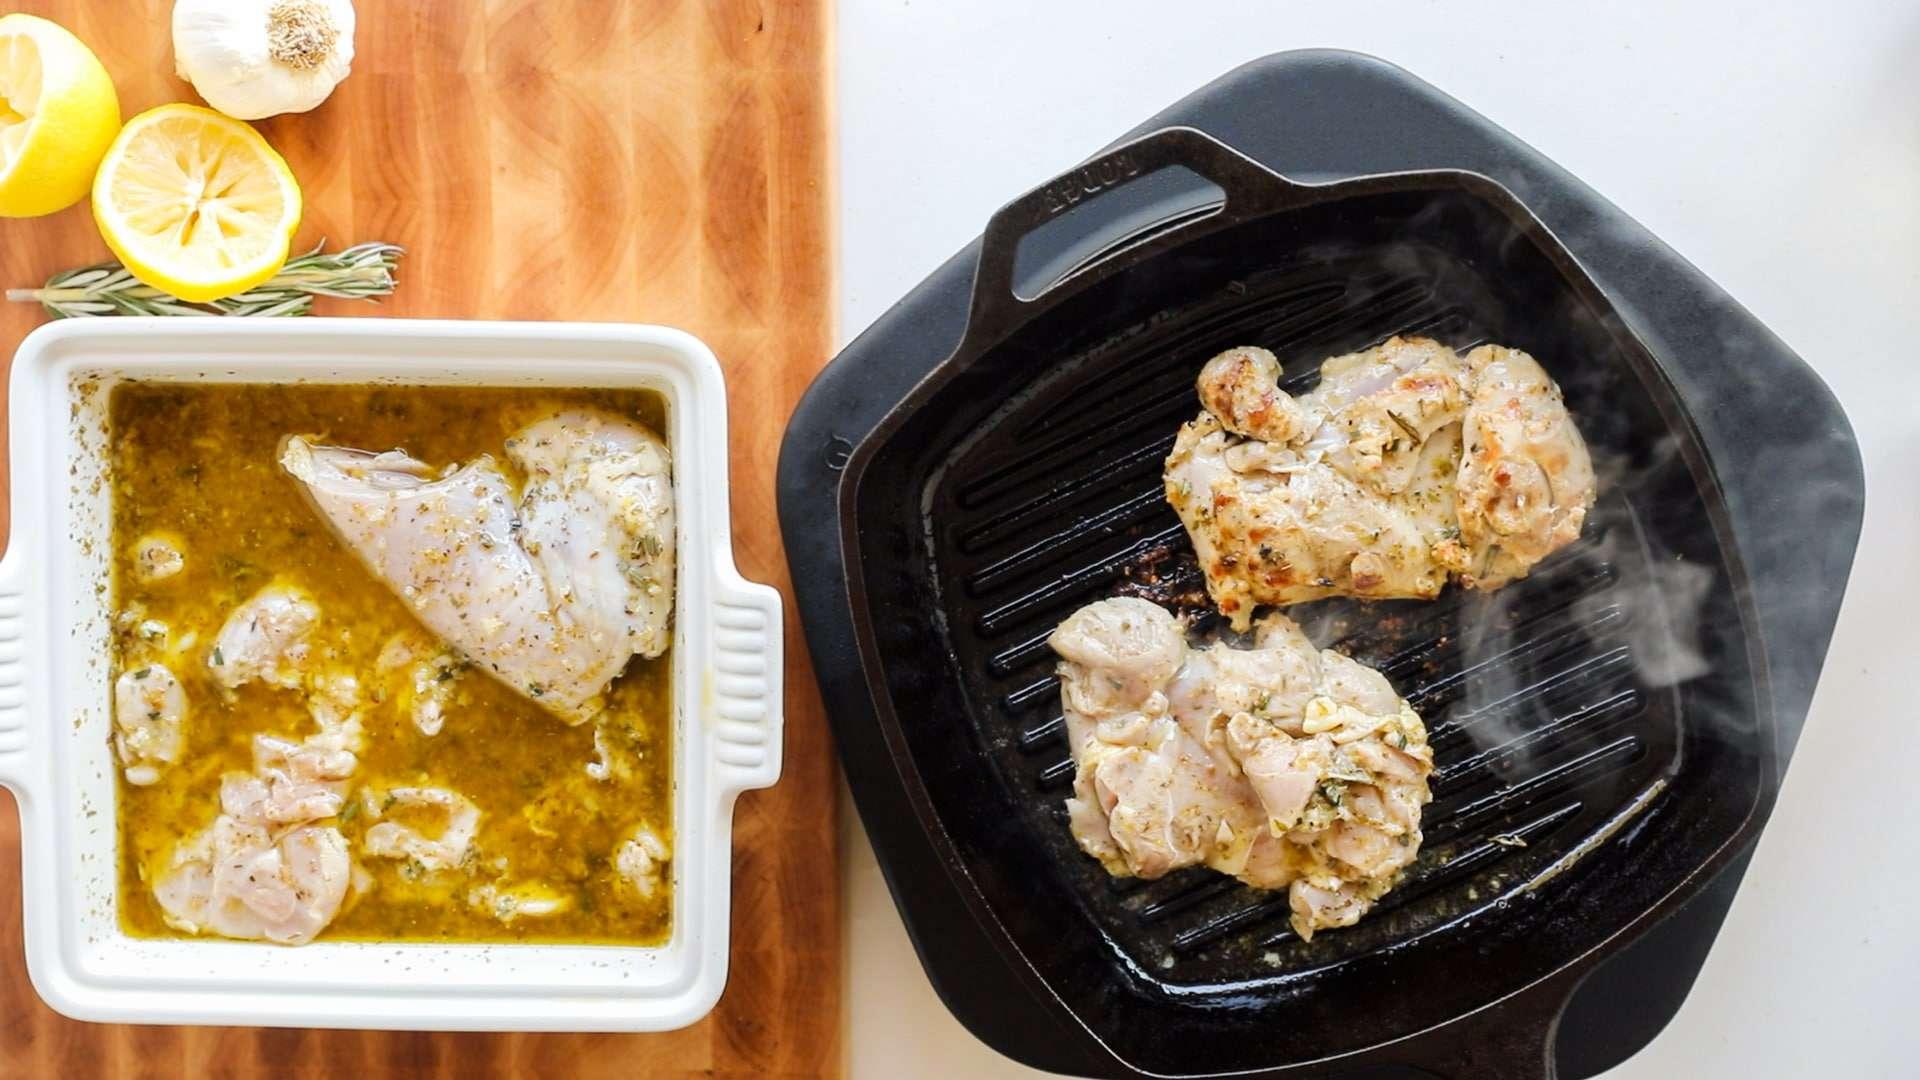 pan searing Greek chicken